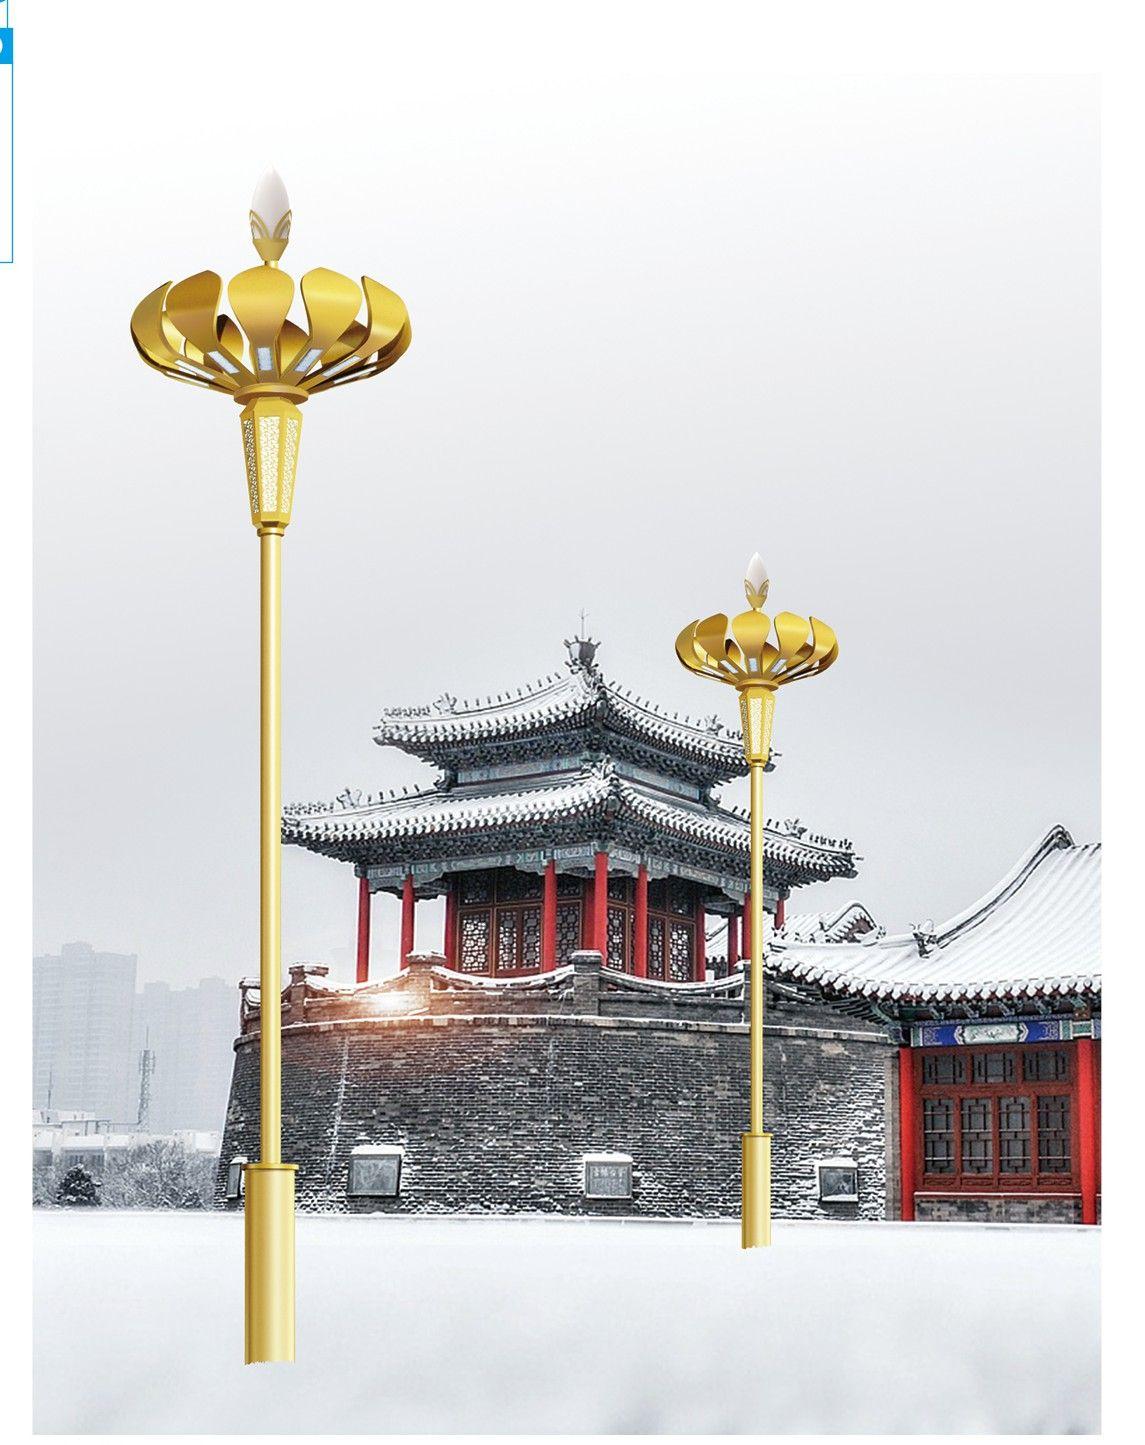 景观中华灯销售